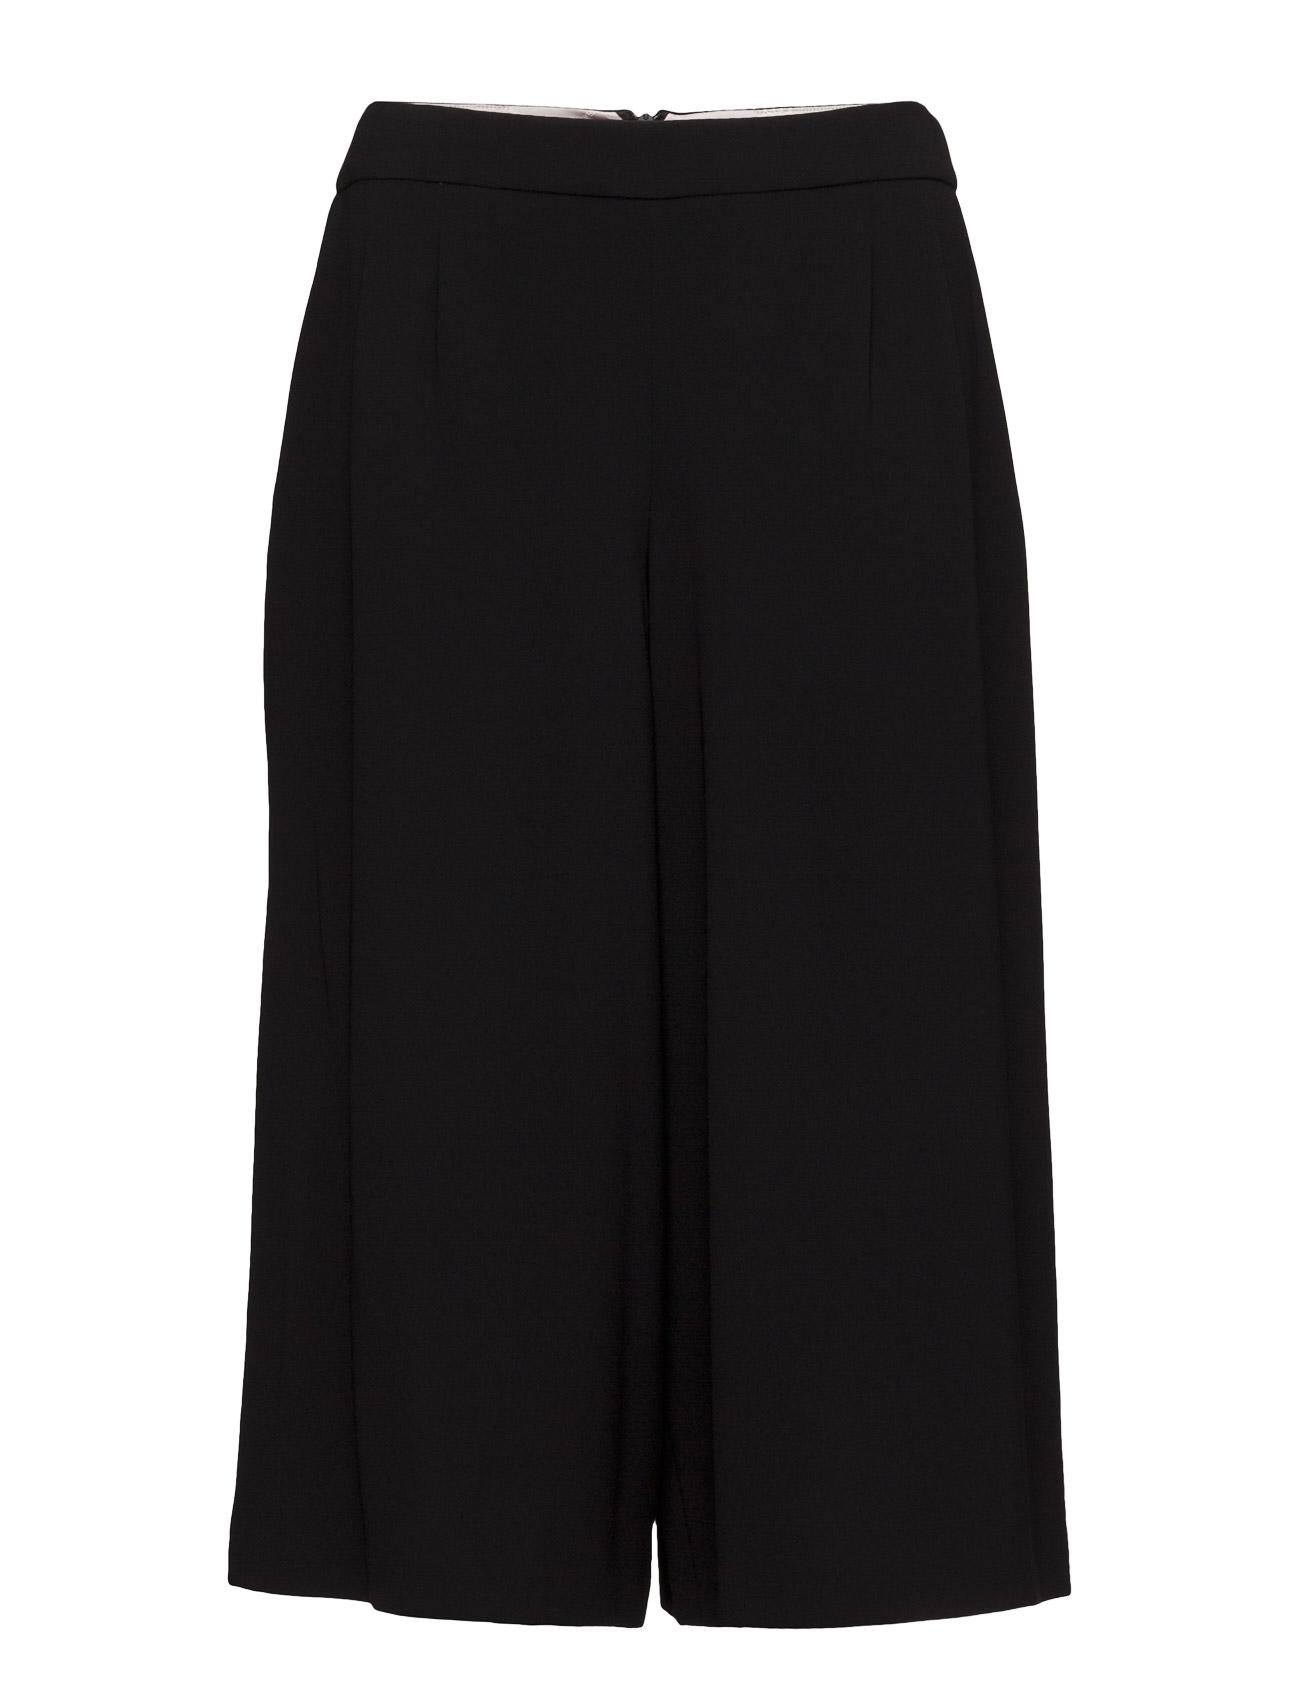 Trousers Cloth/Coord Gerry Weber Trompetbukser til Kvinder i Sort